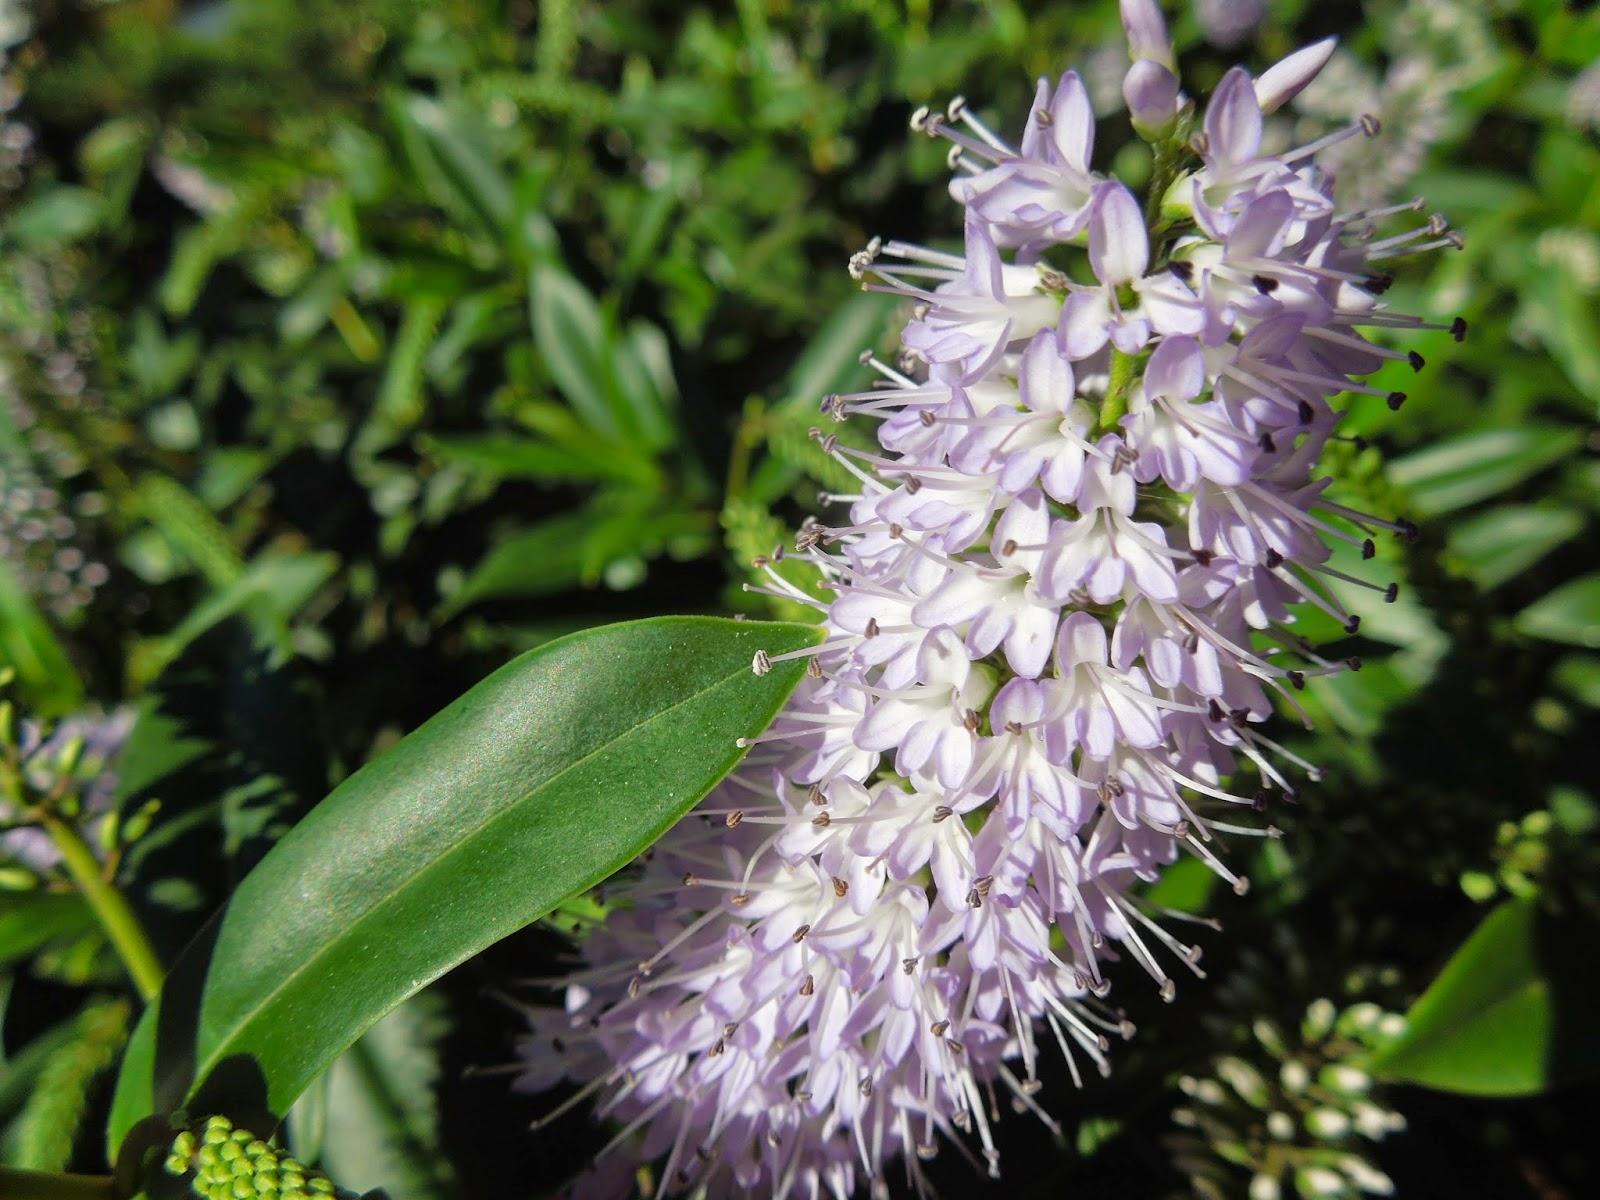 Dos arbustos ornamentales bot nic serrat for Imagenes de arboles ornamentales